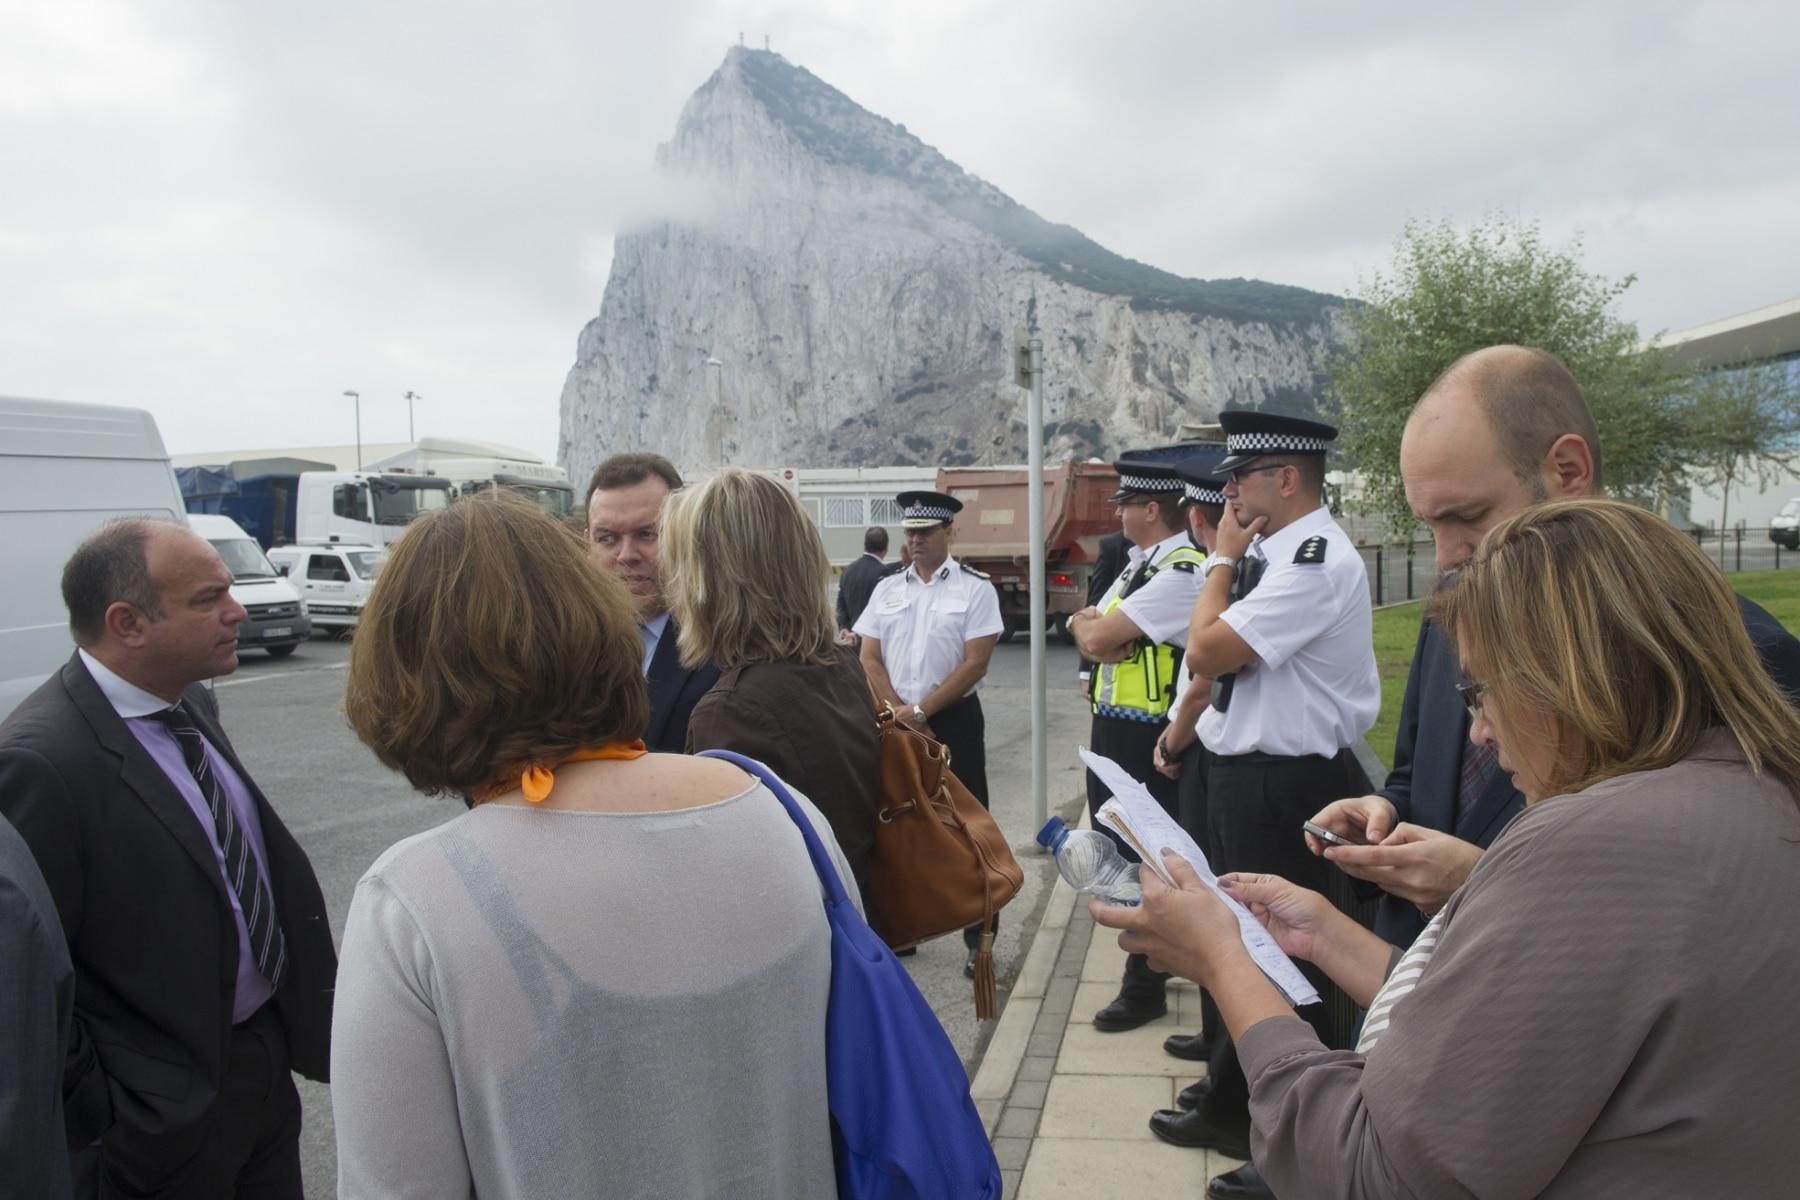 Gibraltar, 25 septiembre 2013. Miembros de la Comisión Europea comentando la situación de la frontera de Gibraltar. MARCOS MORENO